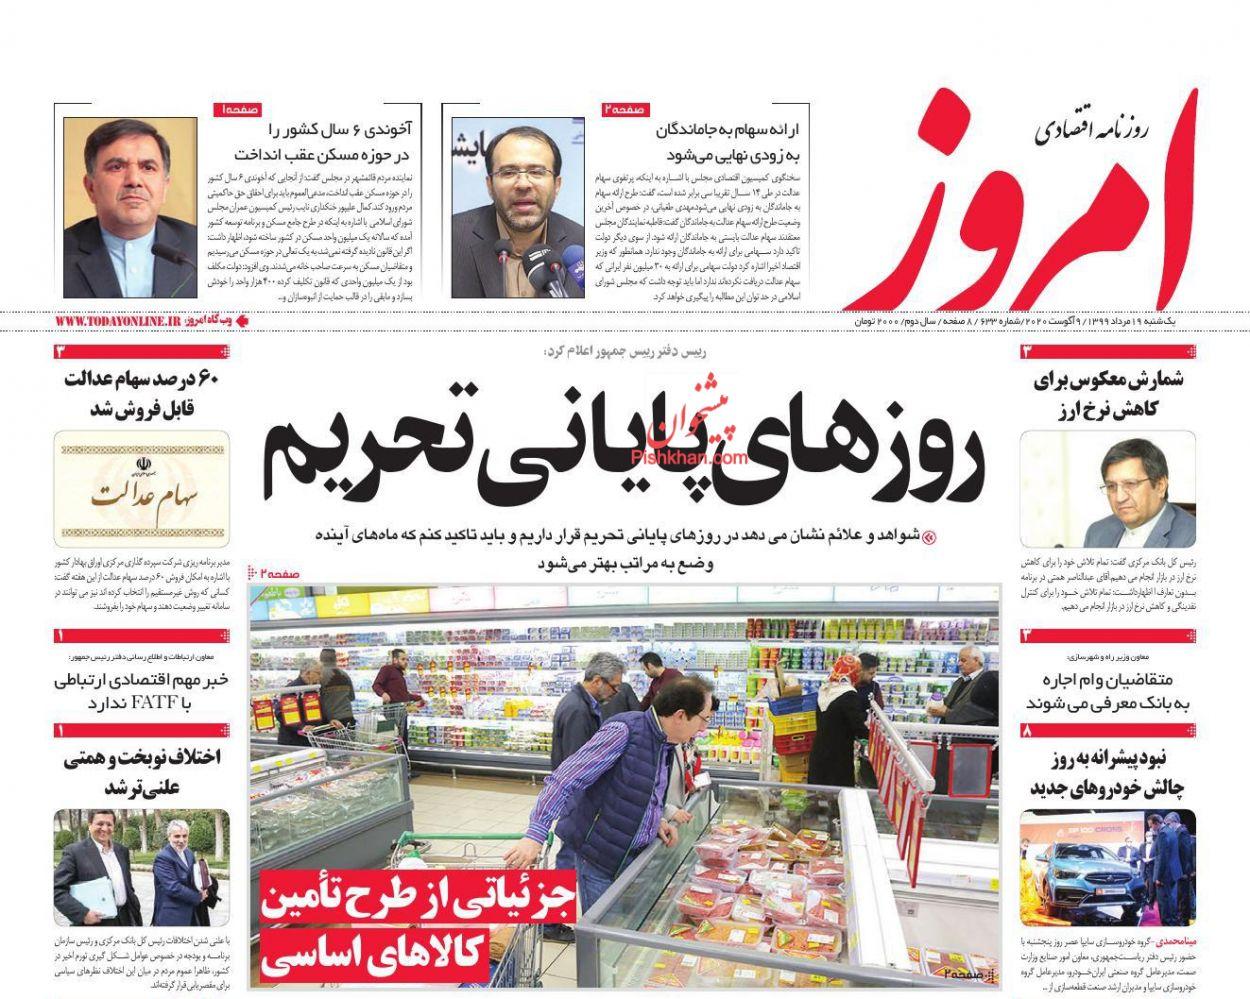 عناوین اخبار روزنامه امروز در روز یکشنبه ۱۹ مرداد